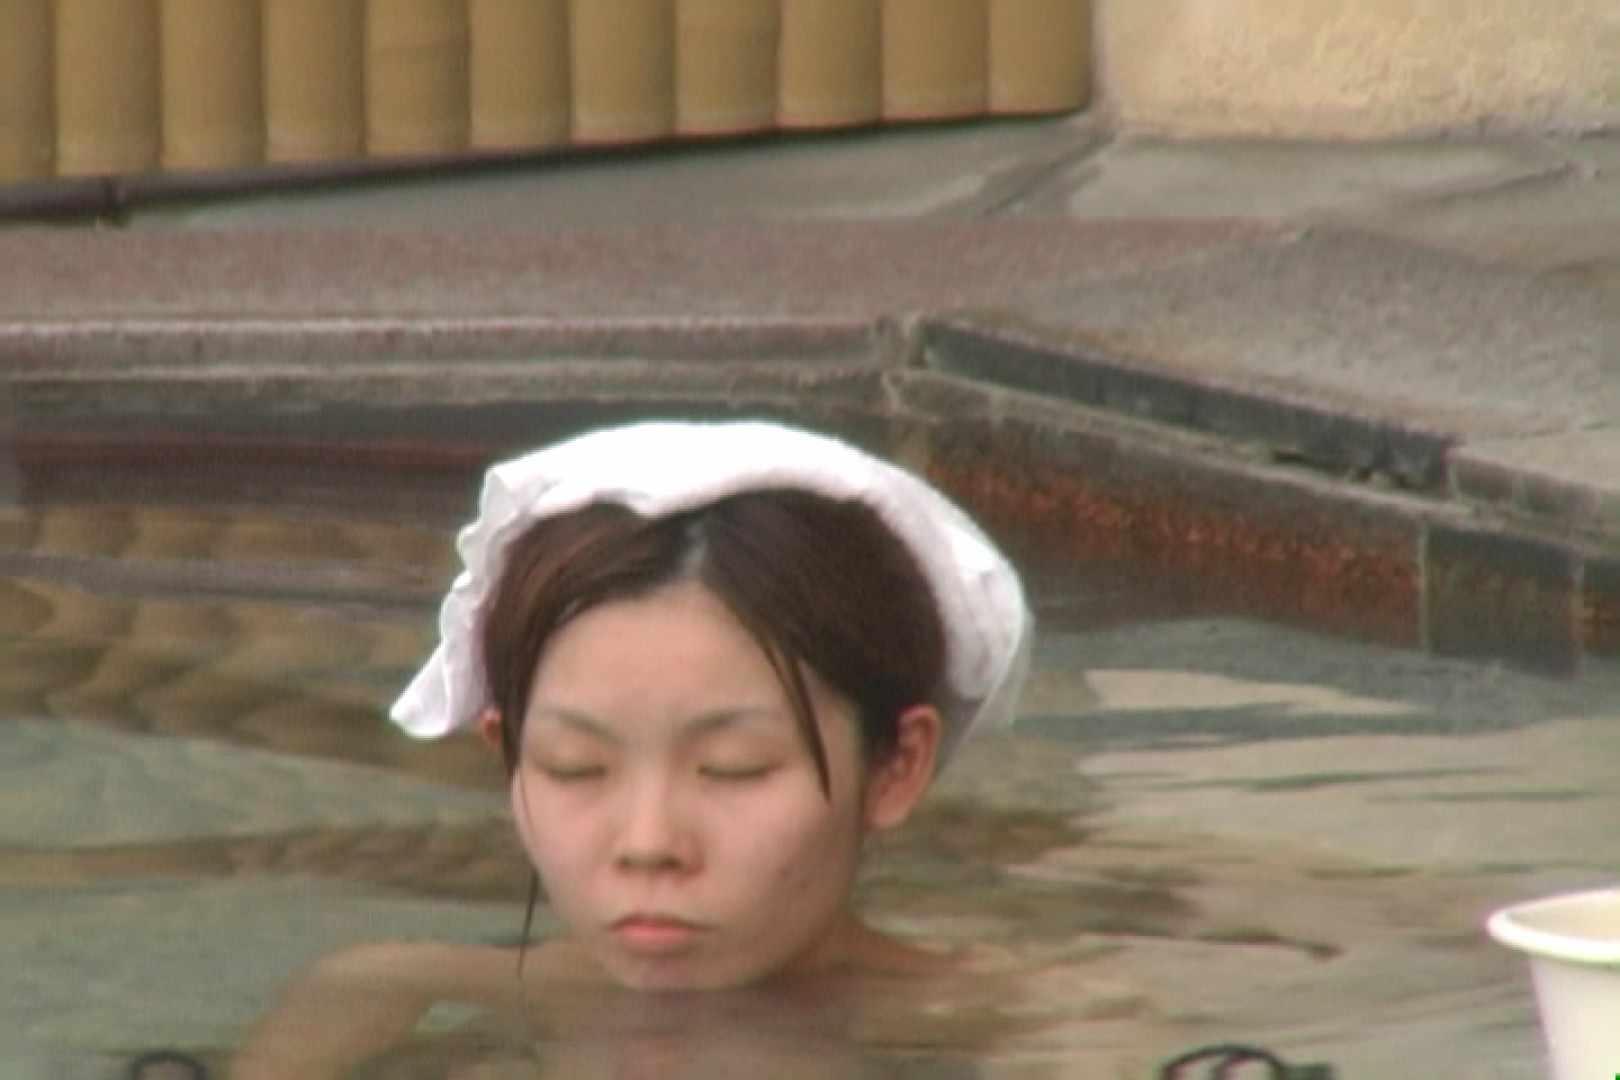 Aquaな露天風呂Vol.580 盗撮師作品 | 美しいOLの裸体  98pic 16